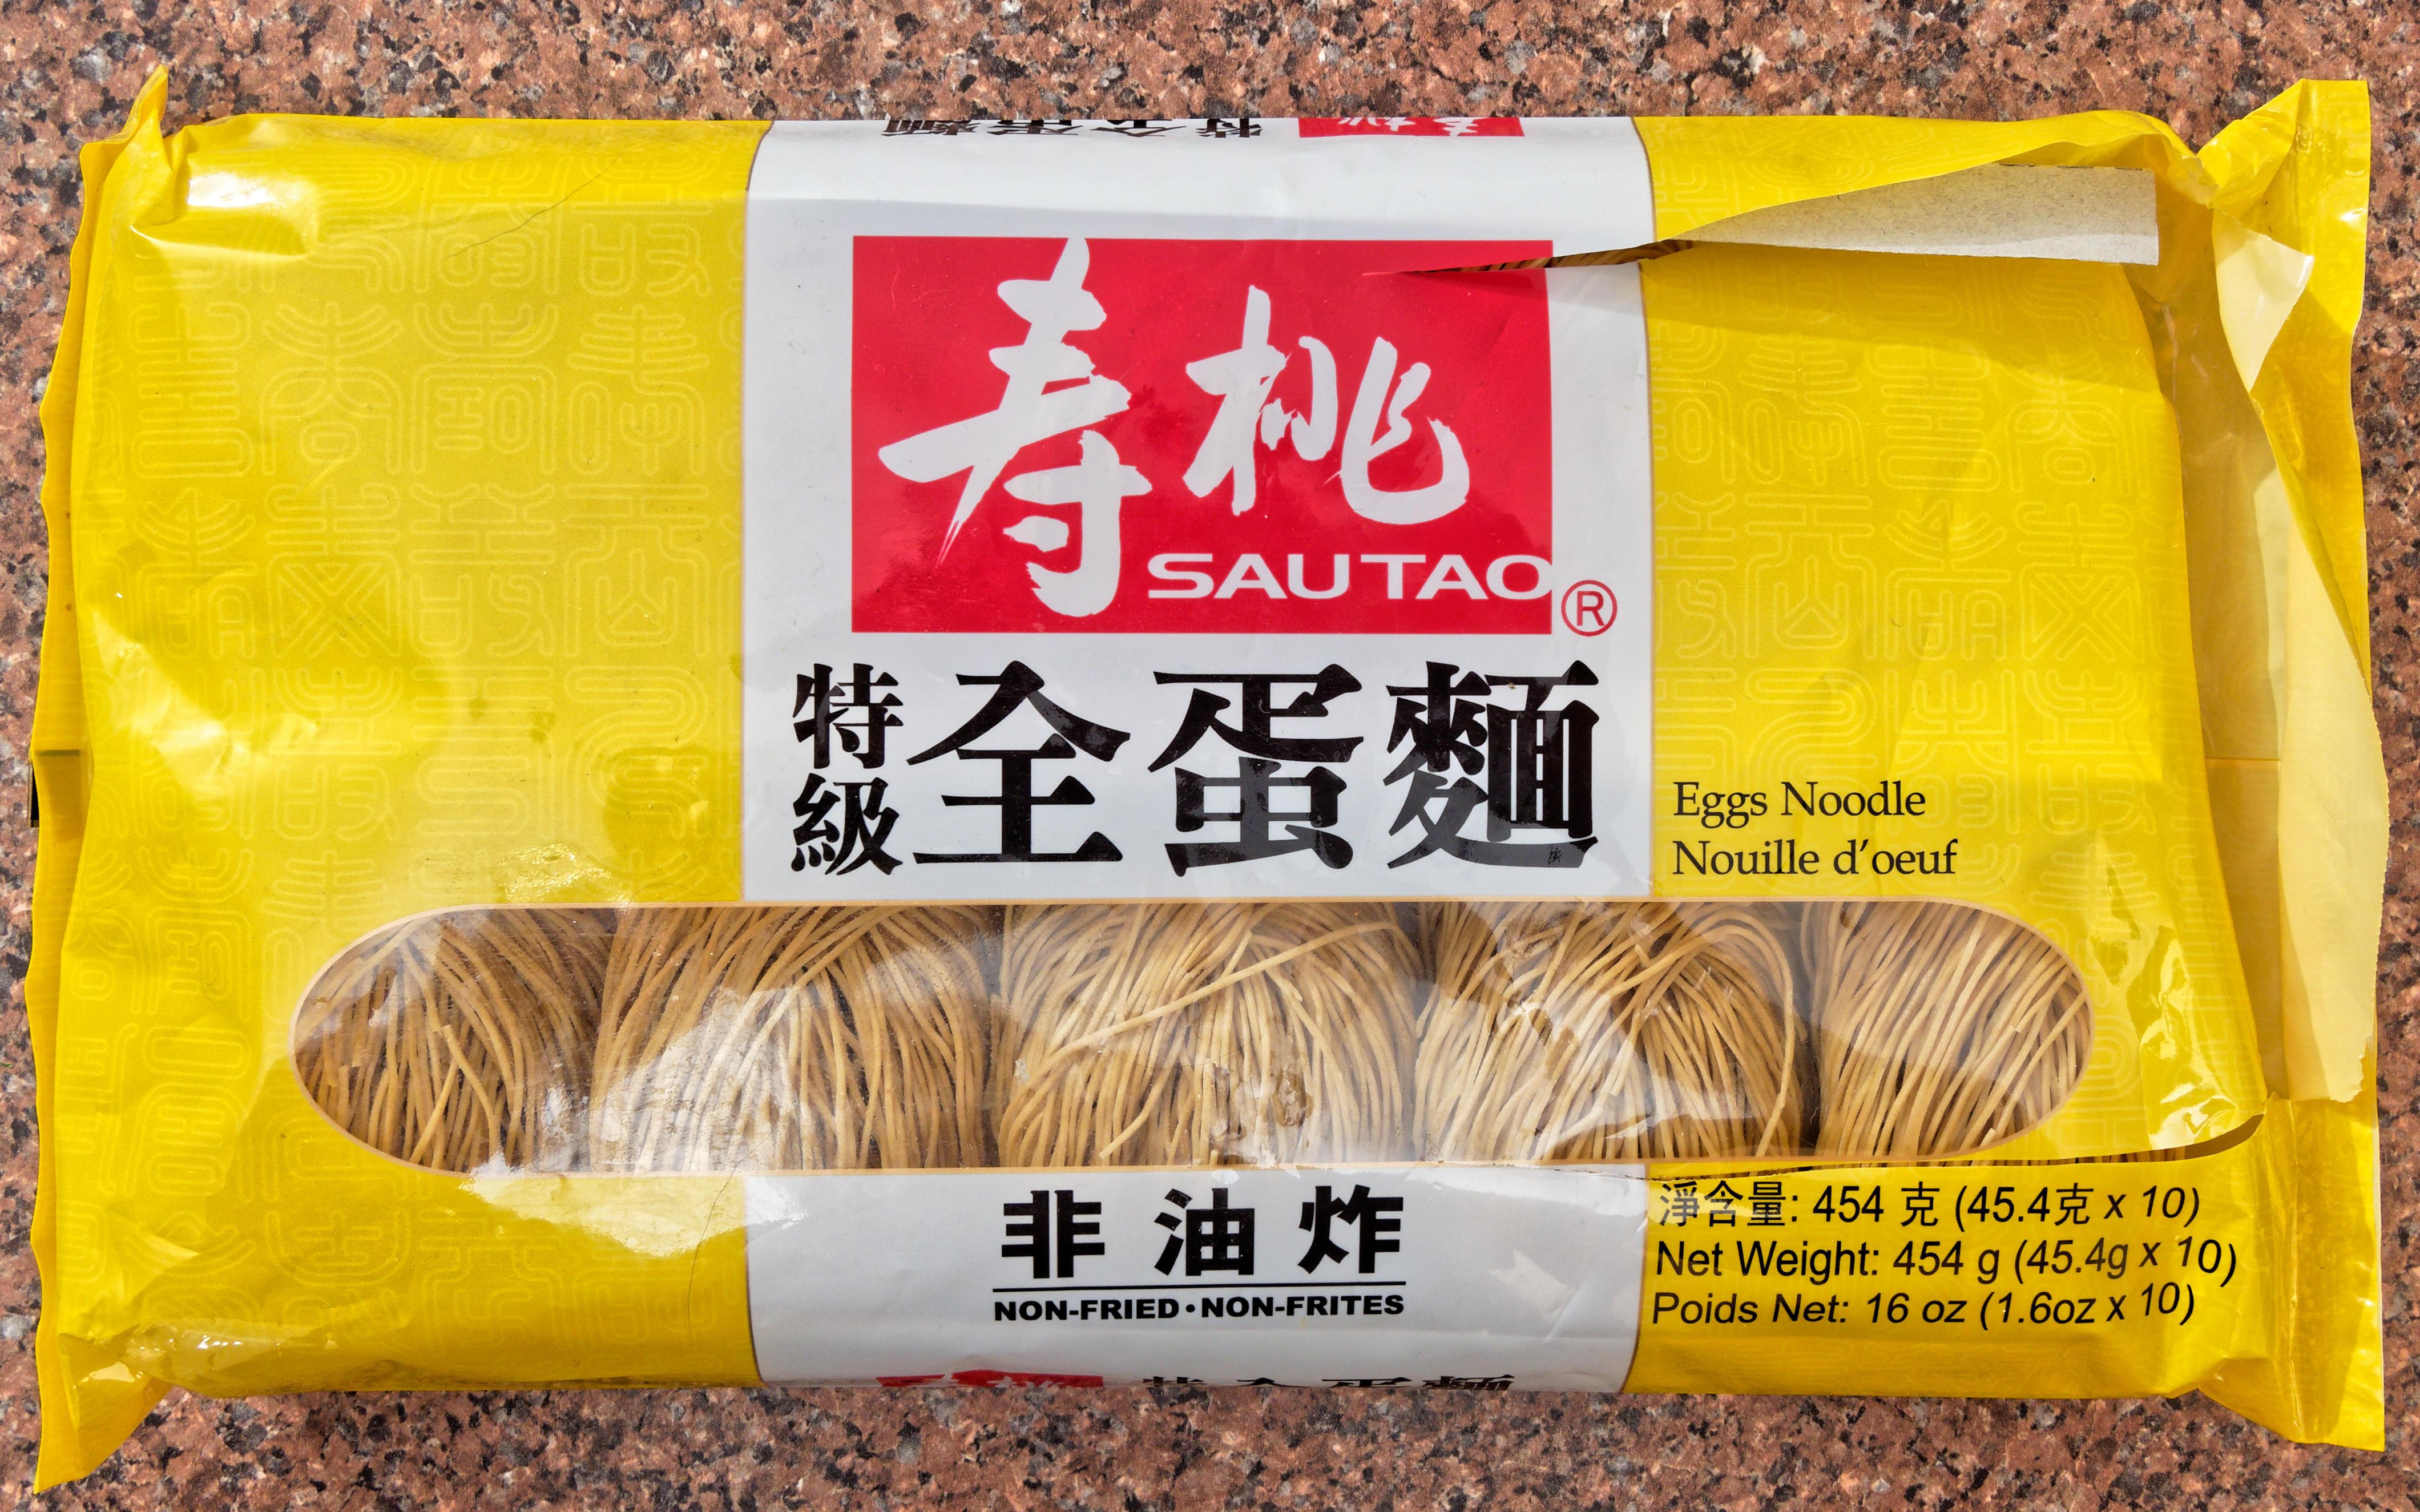 Sau-Tao-noodles-1.jpeg